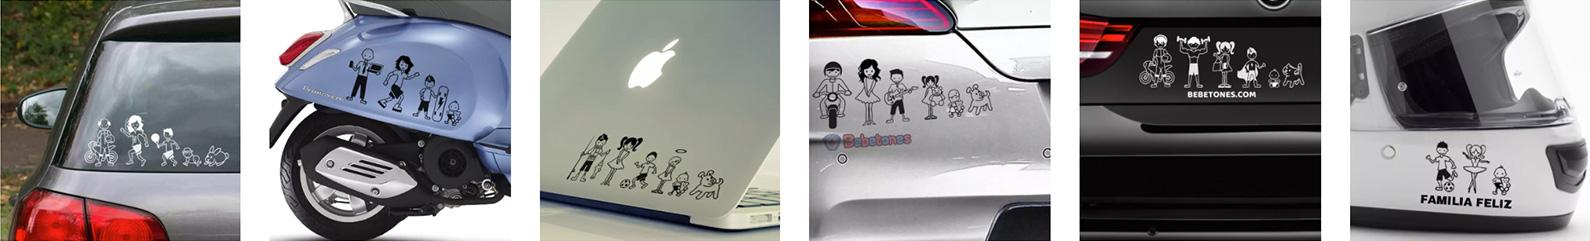 """Pegatinas personalizadas """"Mi Familia"""" sobre coche, portatil, moto, casco de moto etc."""